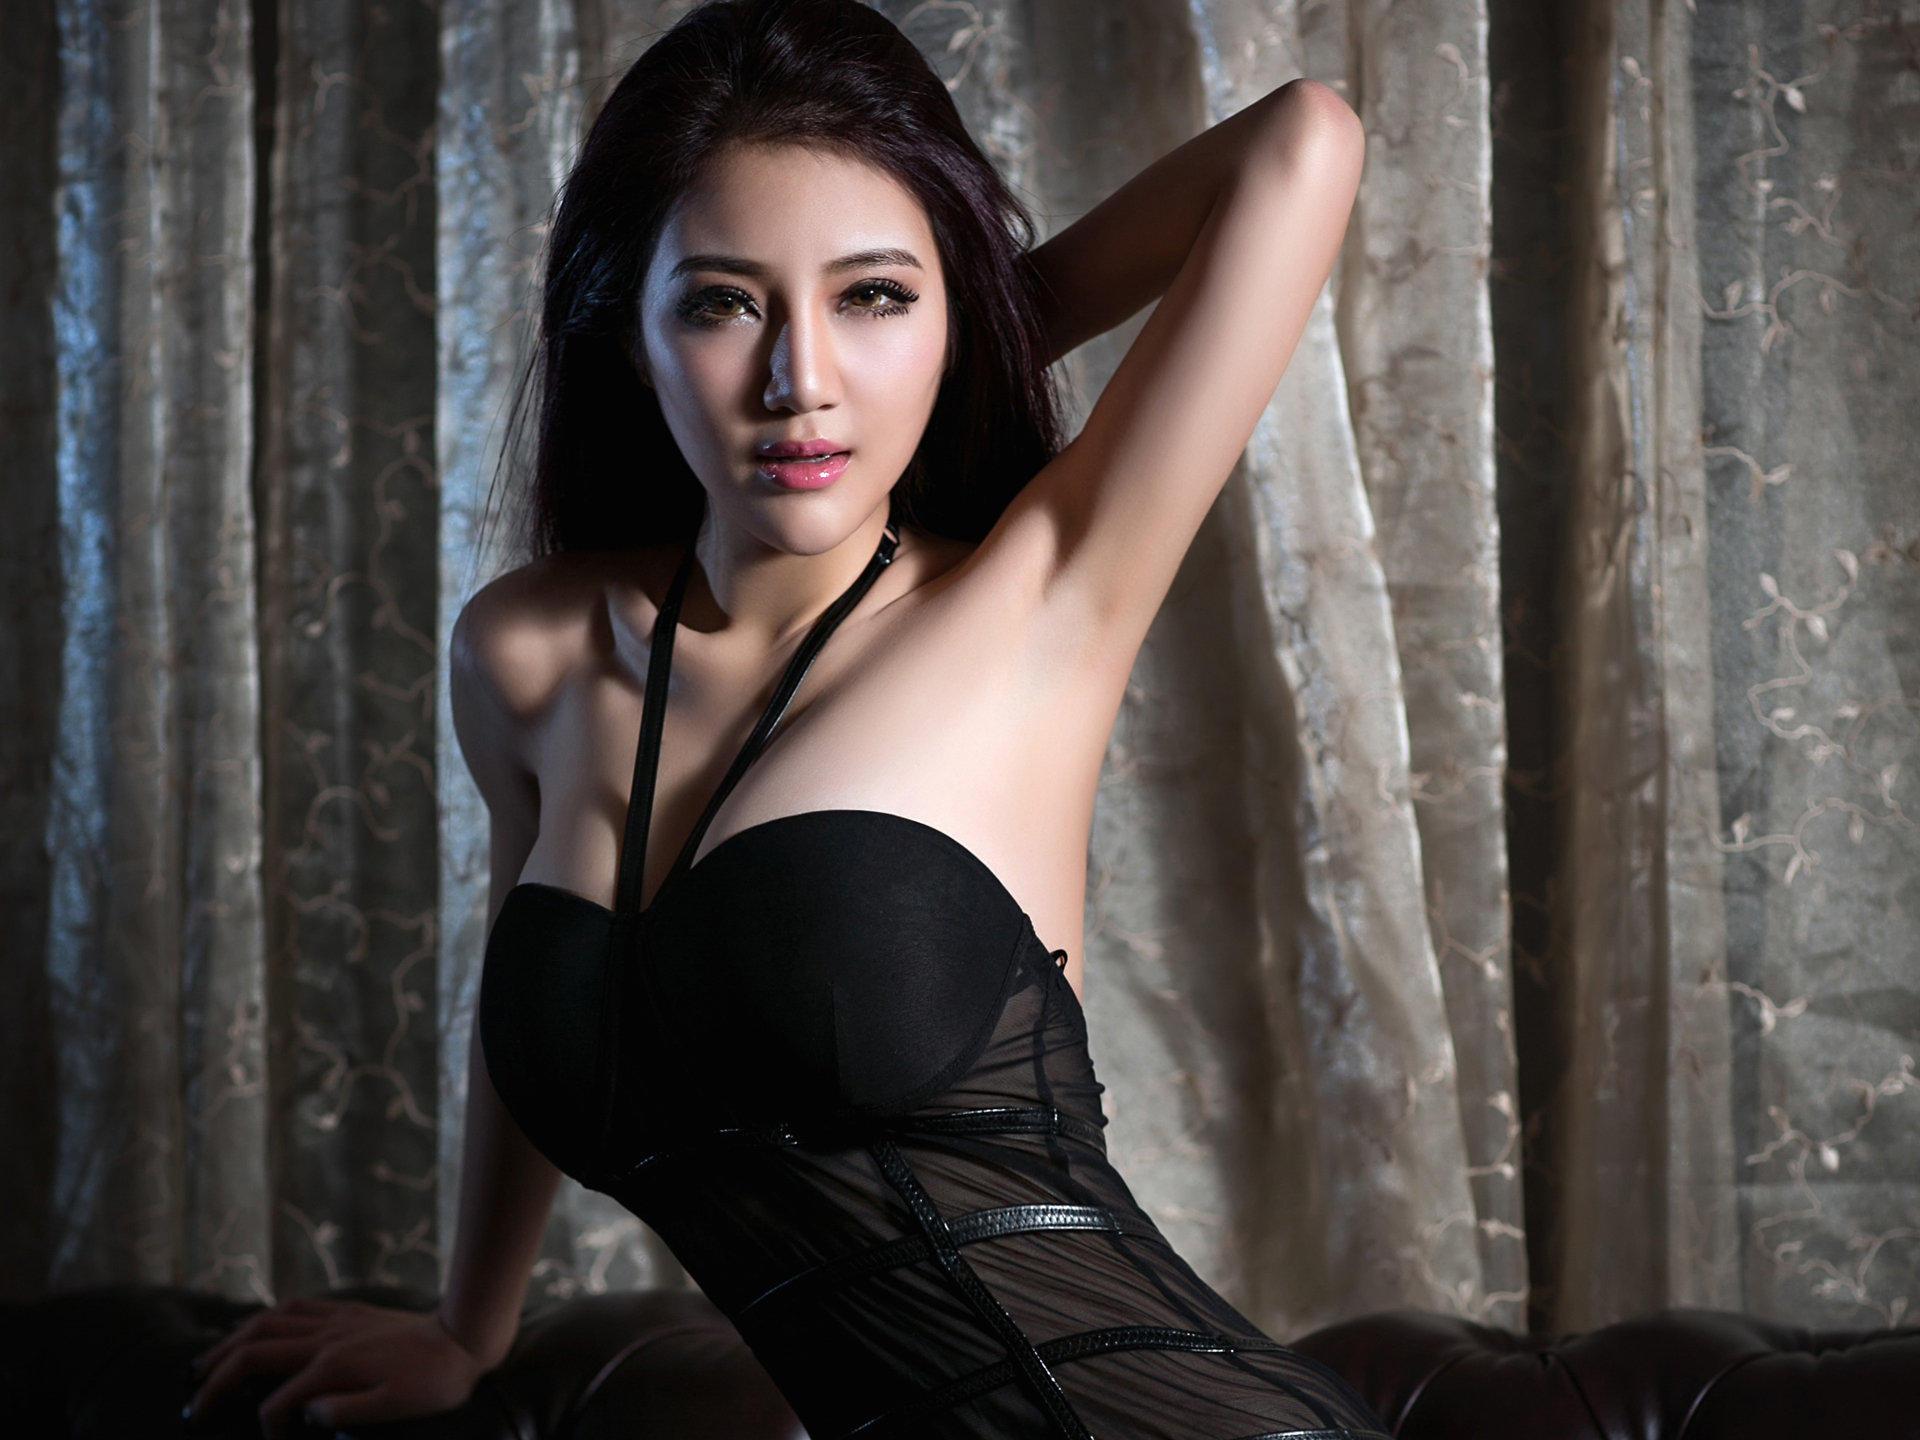 大胸美女桌面壁纸大胸美女壁纸大胸女神美女极致诱惑